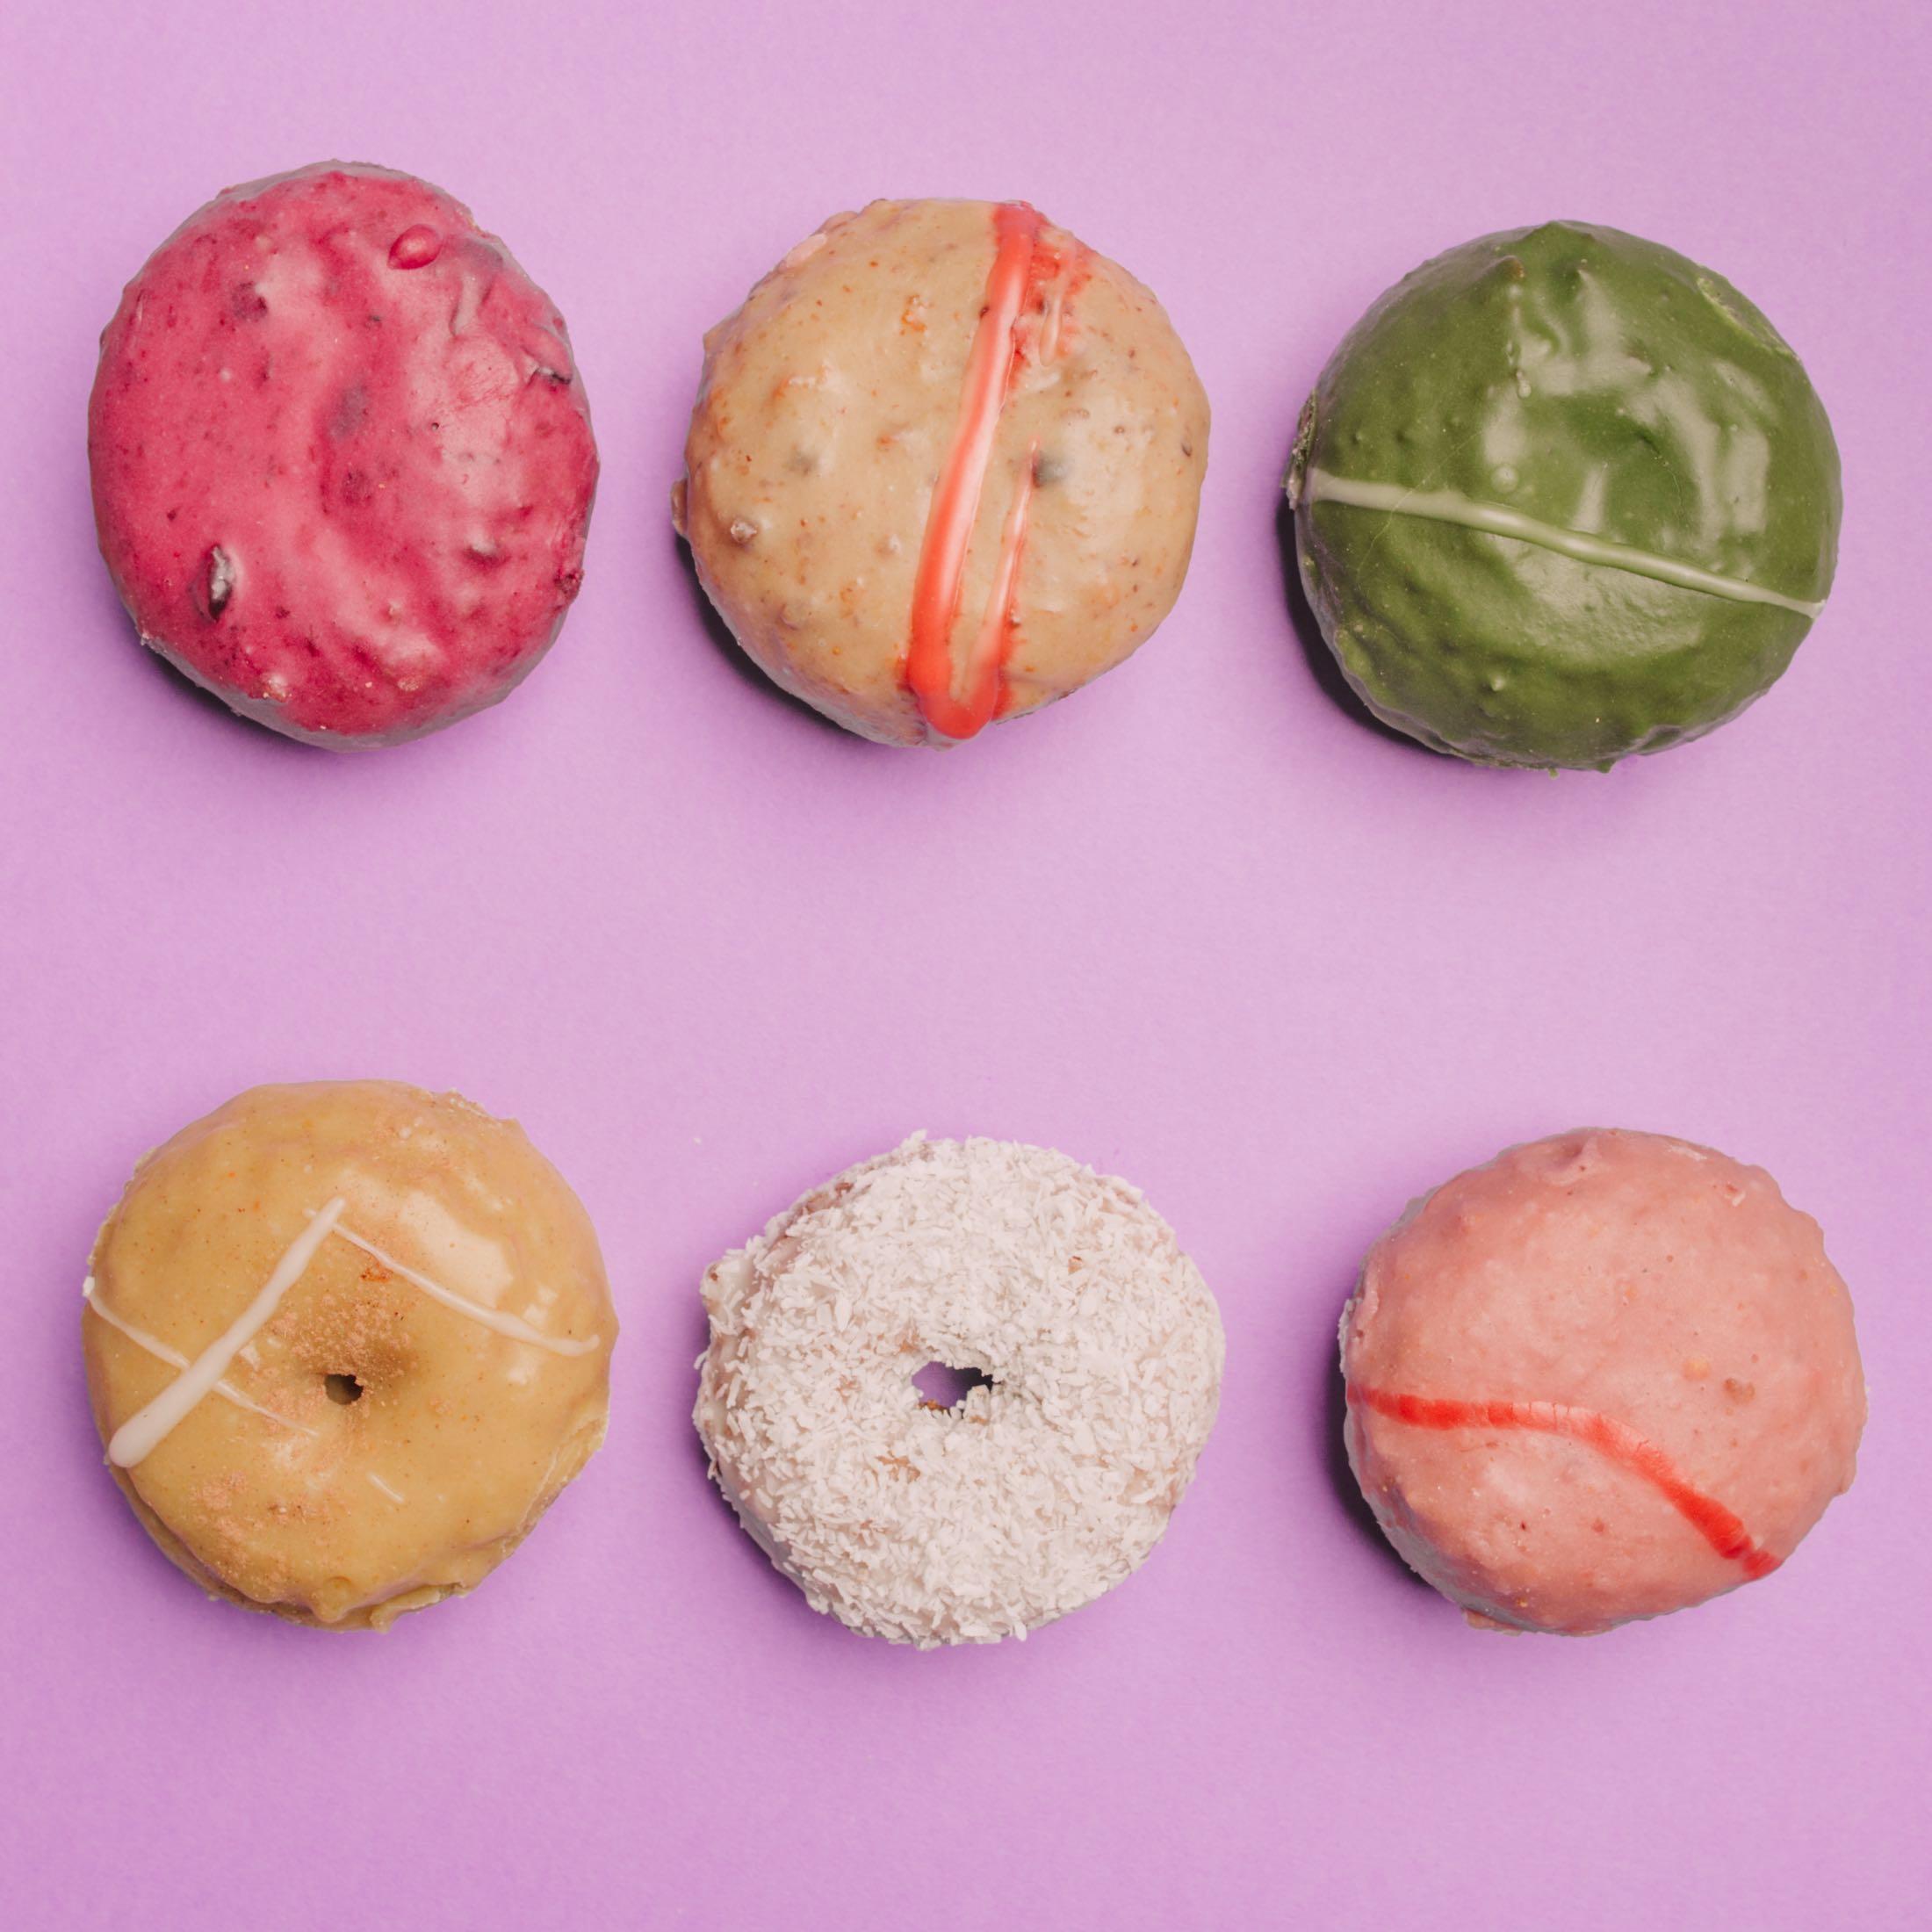 DoughnutMotif3-01.jpg